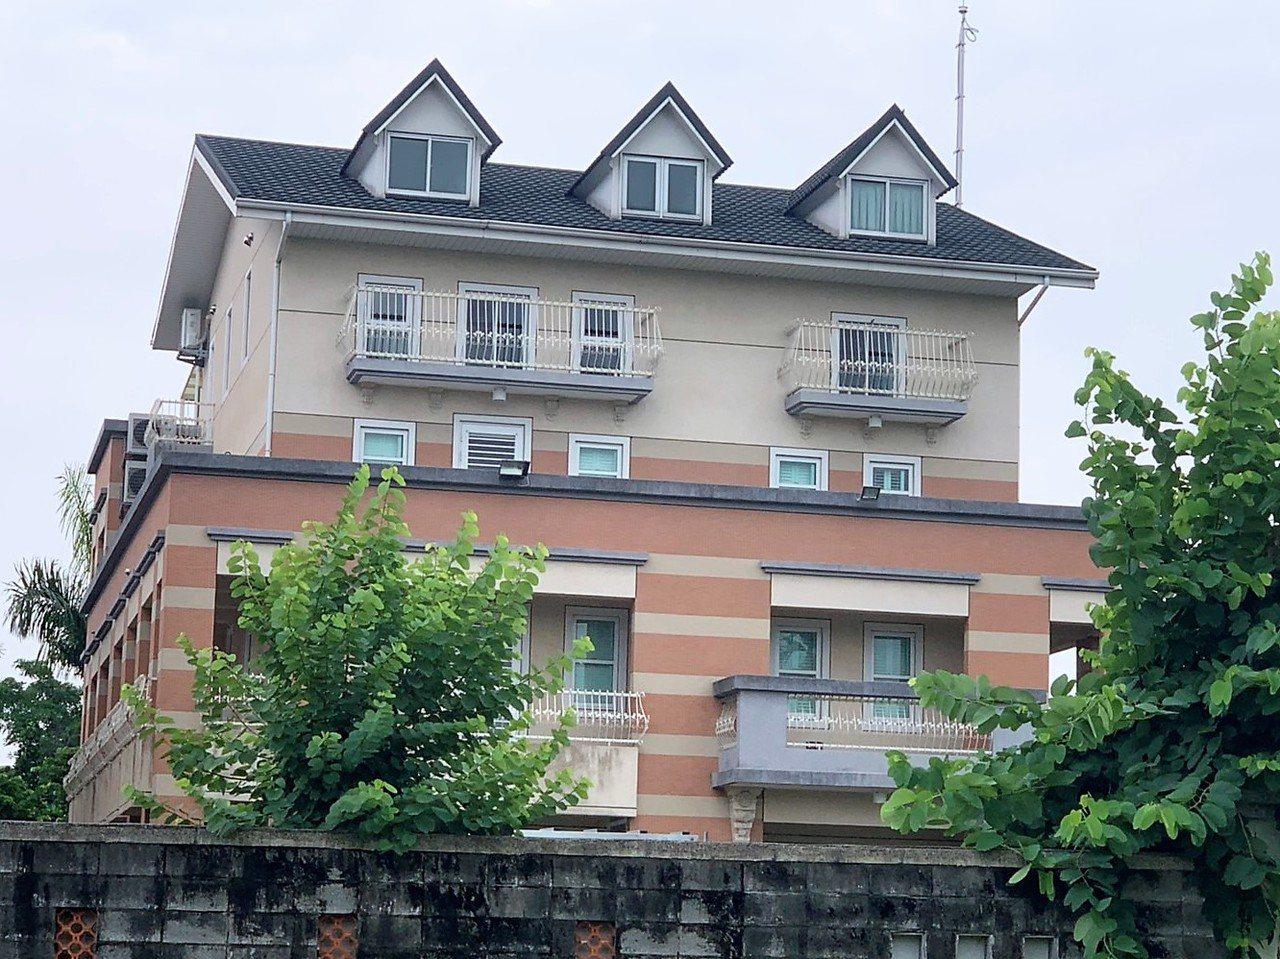 高雄市長韓國瑜妻子李佳芬位於雲林縣古坑鄉田心村的農舍違建爭議未休。圖/本報資料照